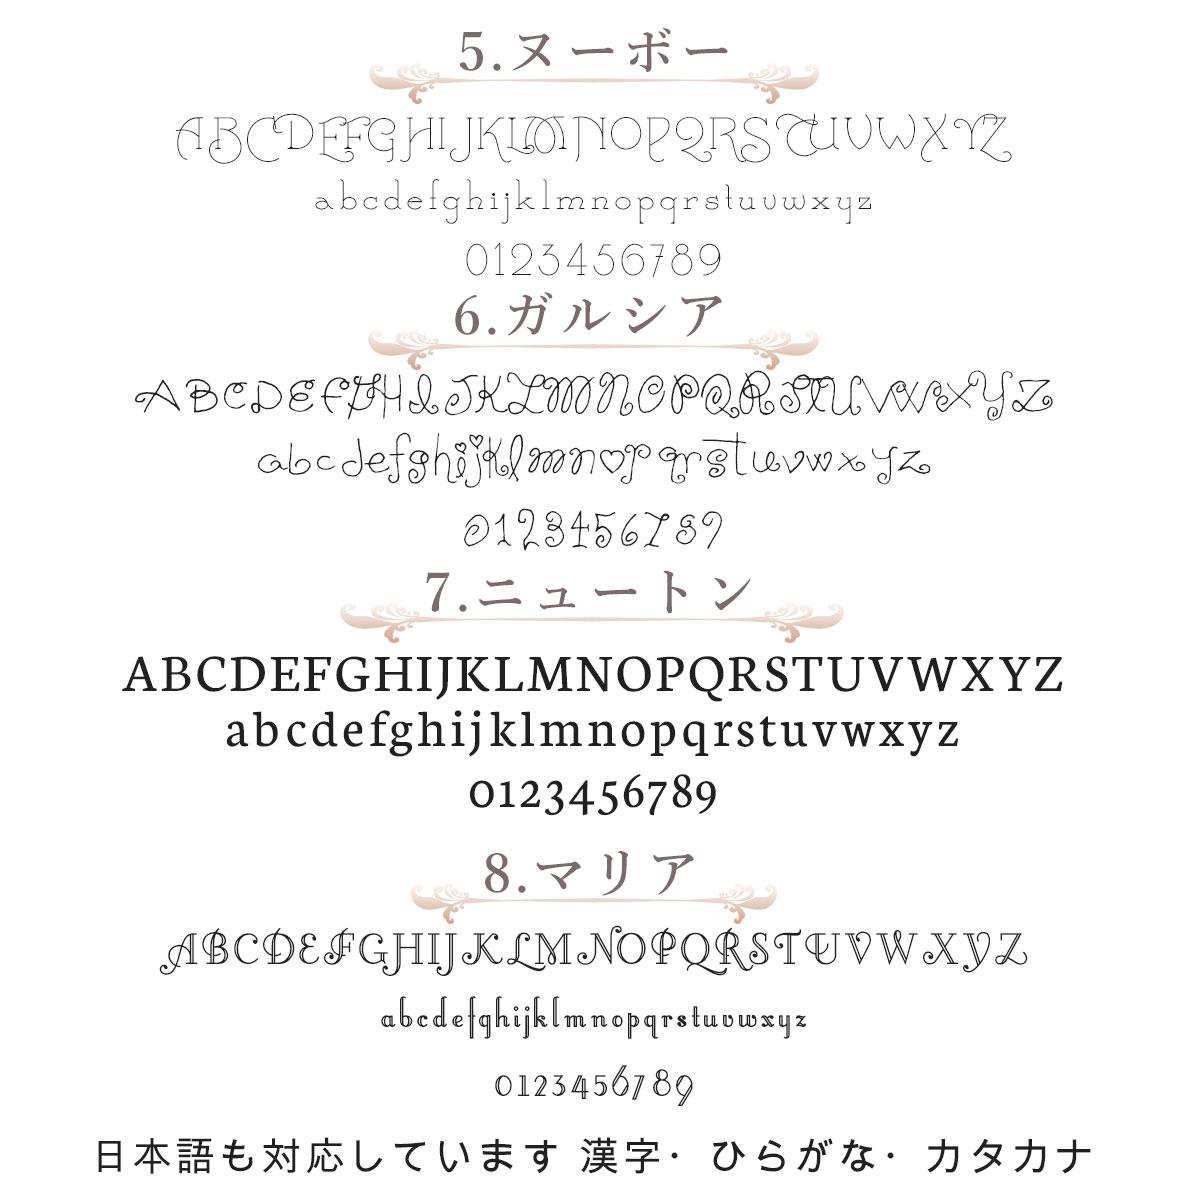 【オプション】イニシャルまたはメッセージ レーザー刻印 プレゼント ギフト